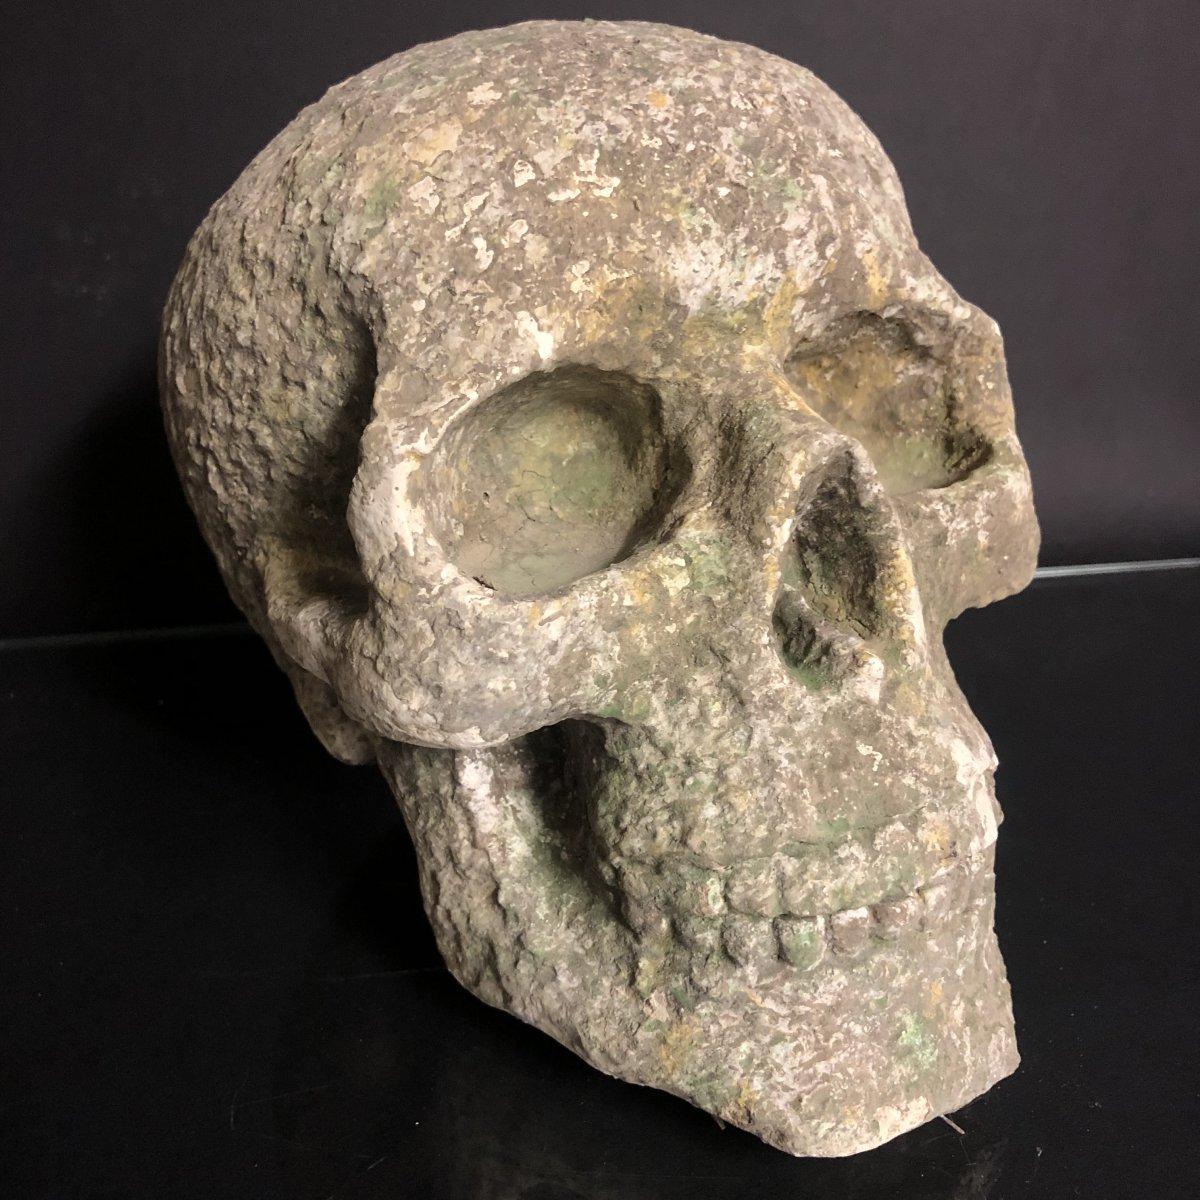 ANCIEN CRANE vanité en pierre reconstituée memento mori tête crâne curiosité